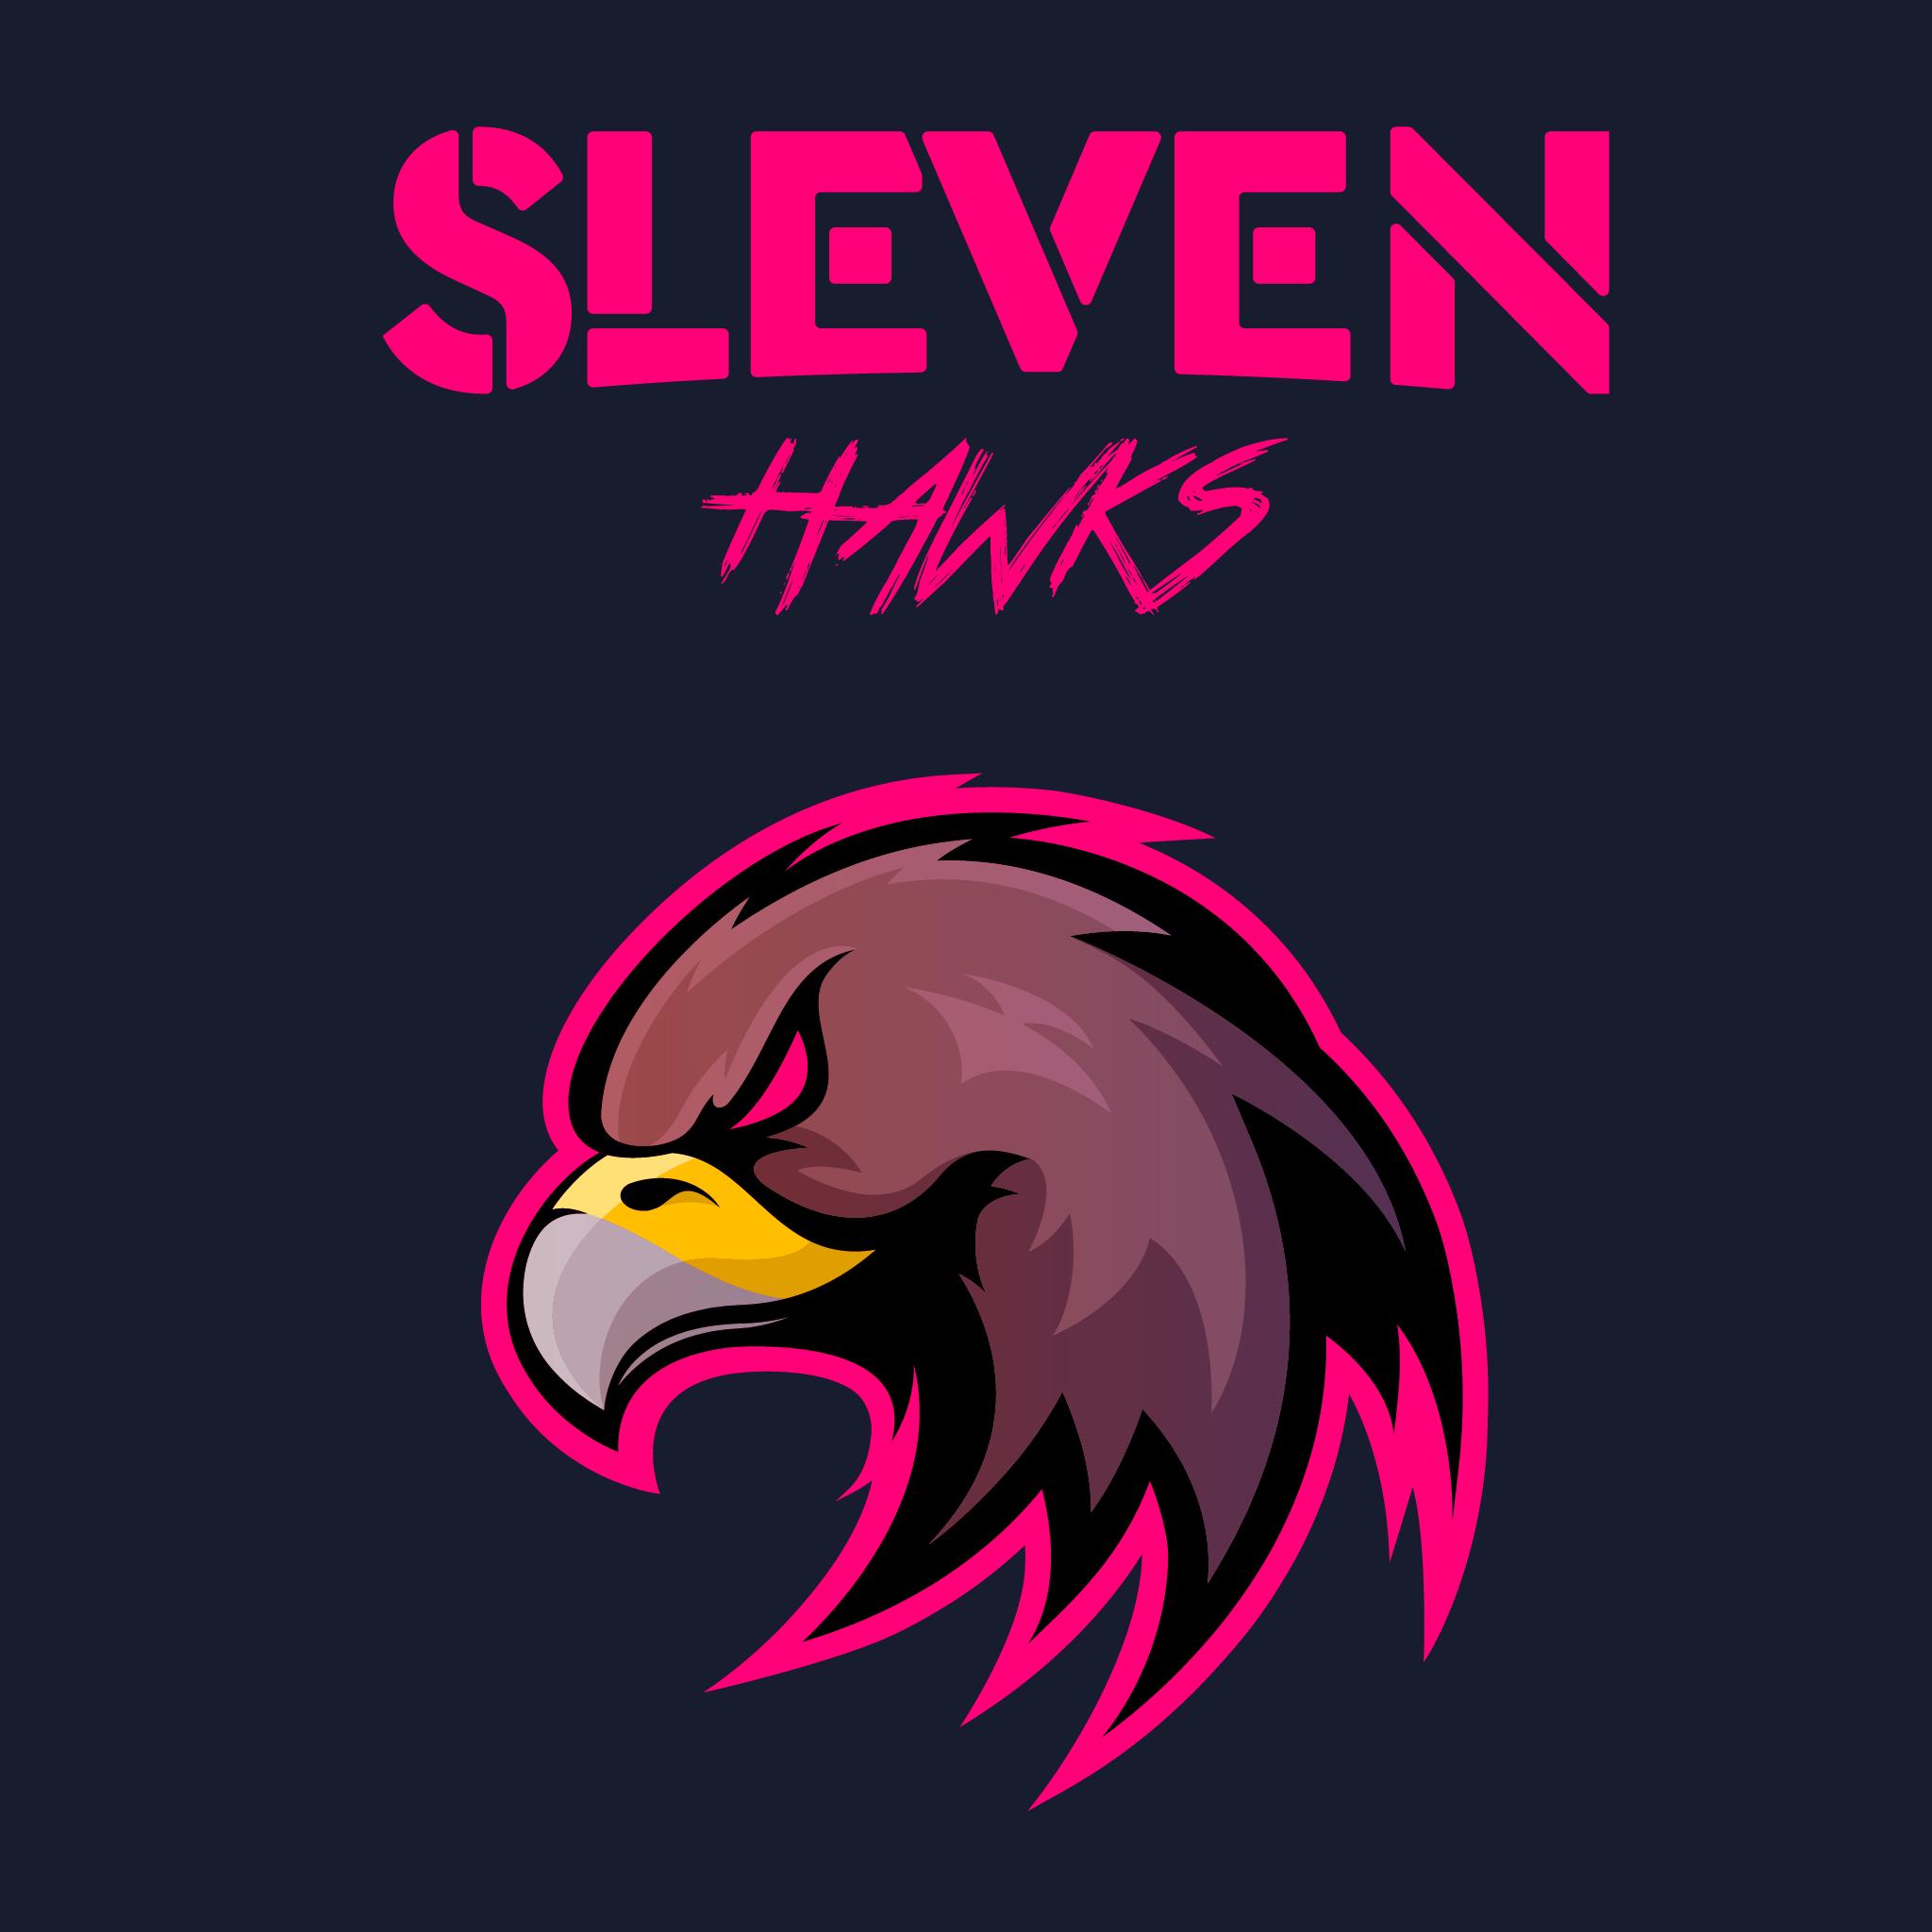 Hawks blueasset 13